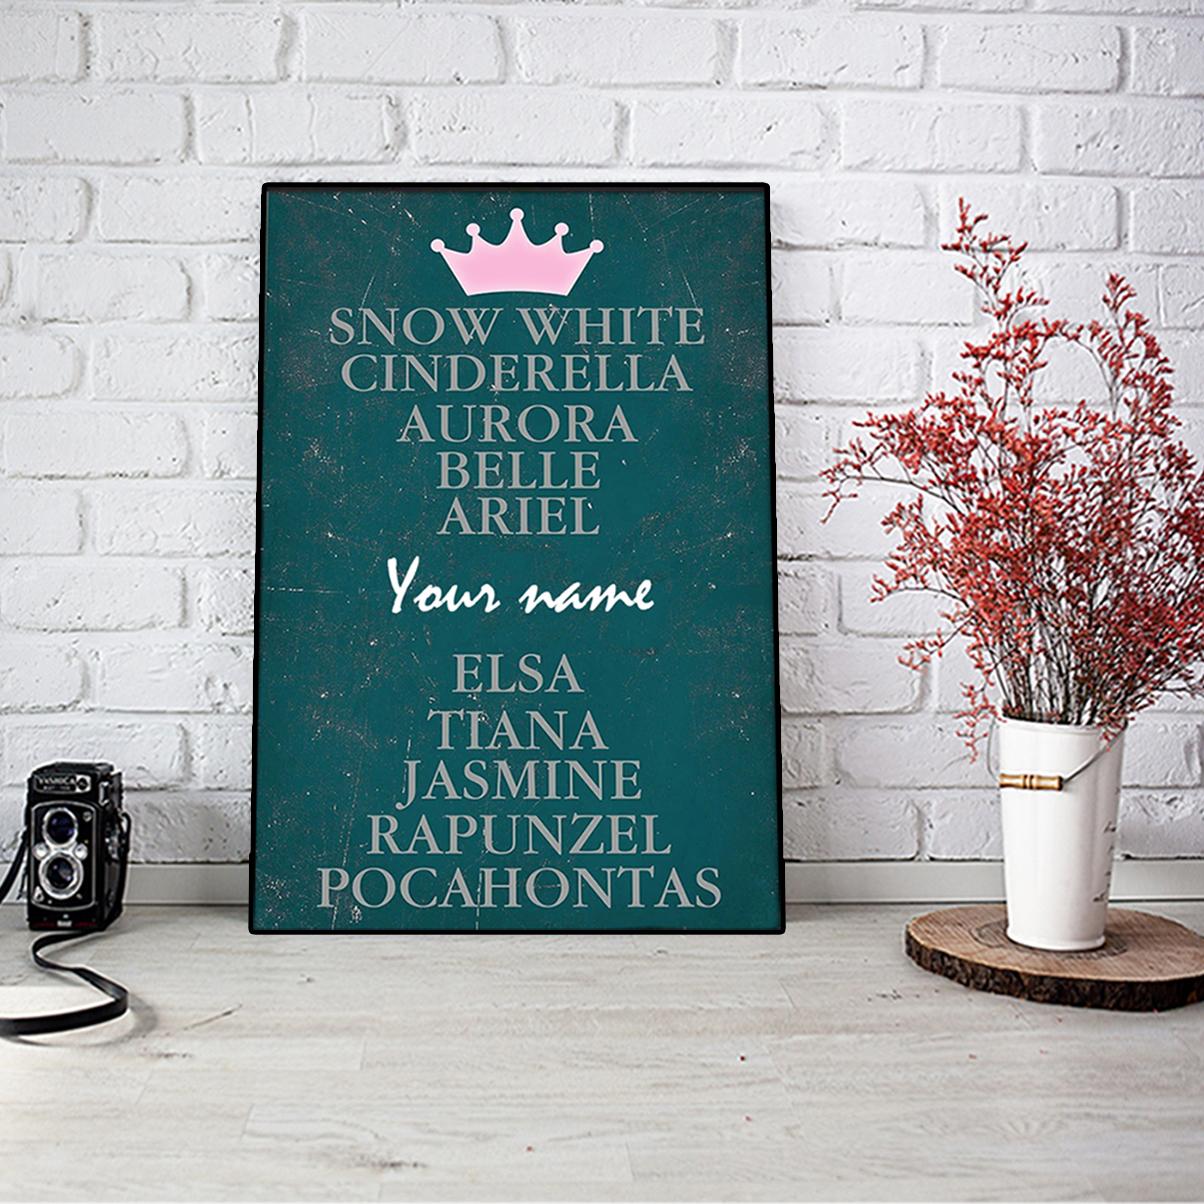 Personalized snow white cinderella aurora belie ariel poster A1